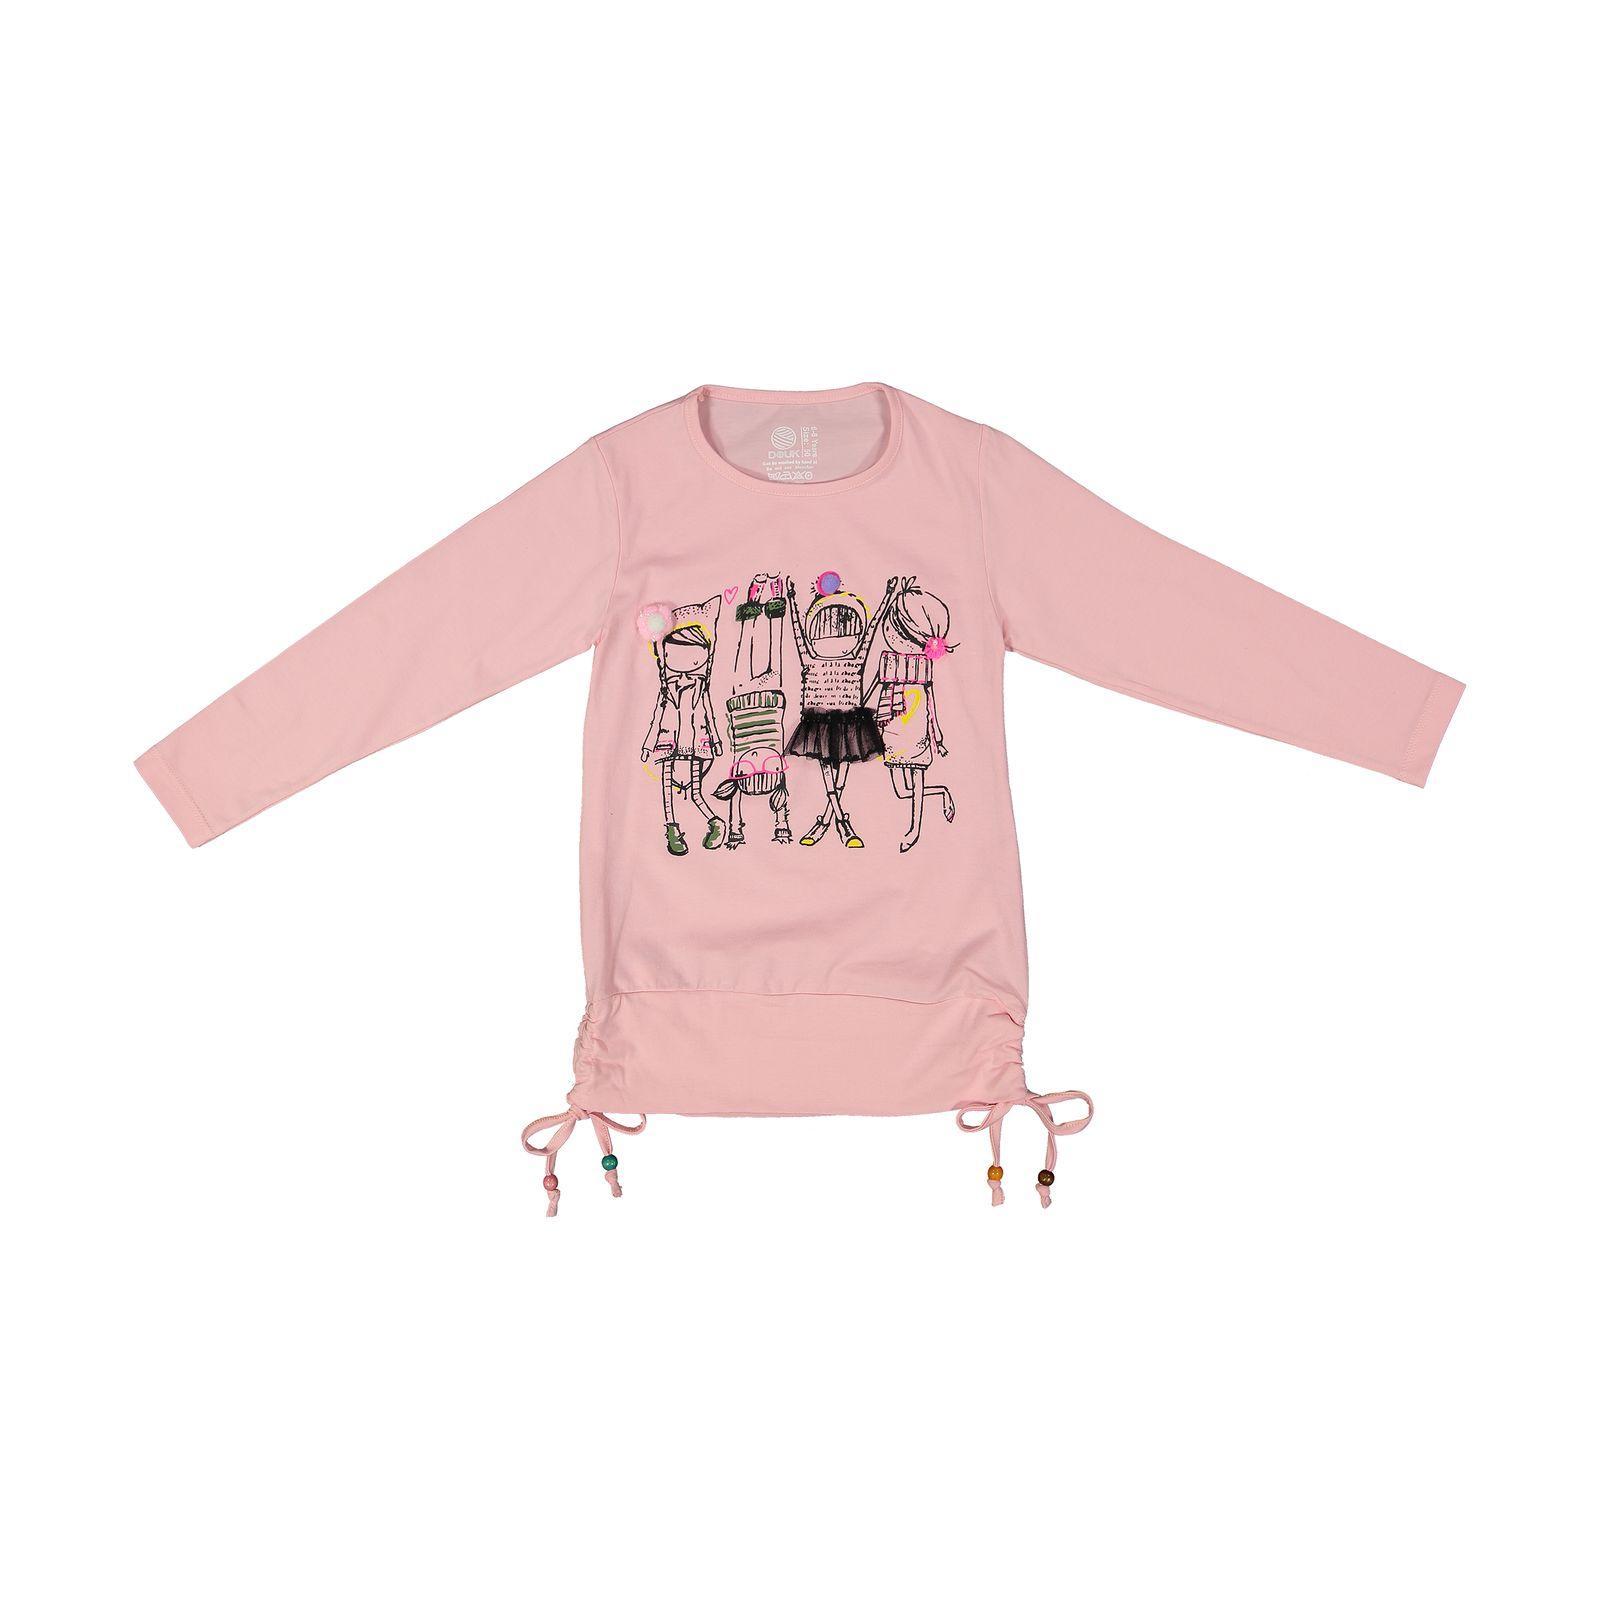 تی شرت دخترانه سون پون مدل 1391356-84 -  - 2